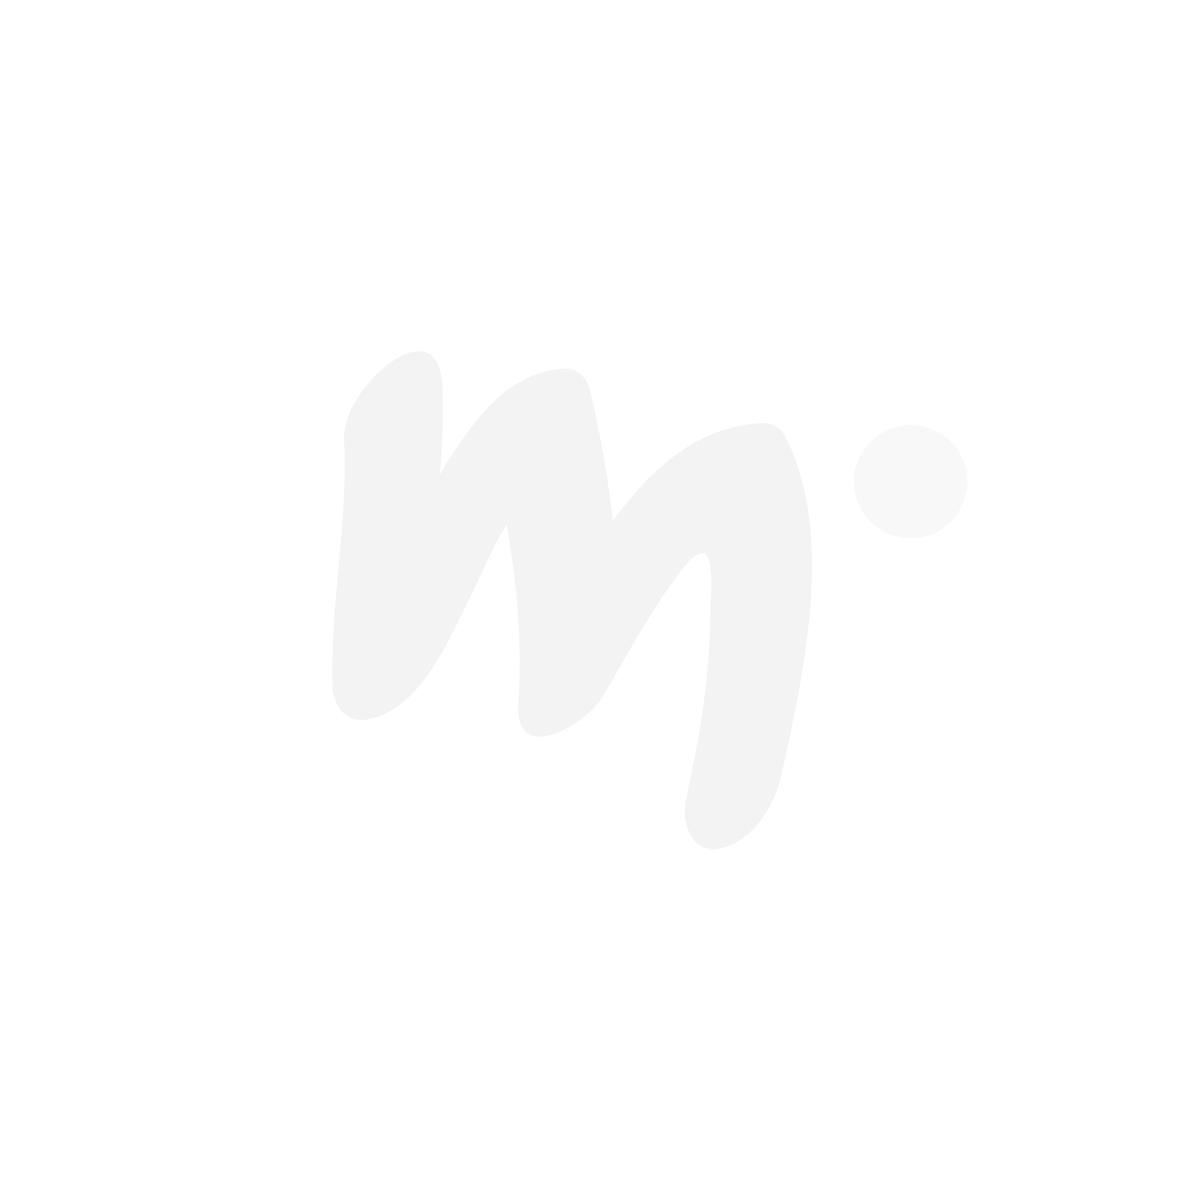 Muumi Syysjuhla-suodatinpussipurkki